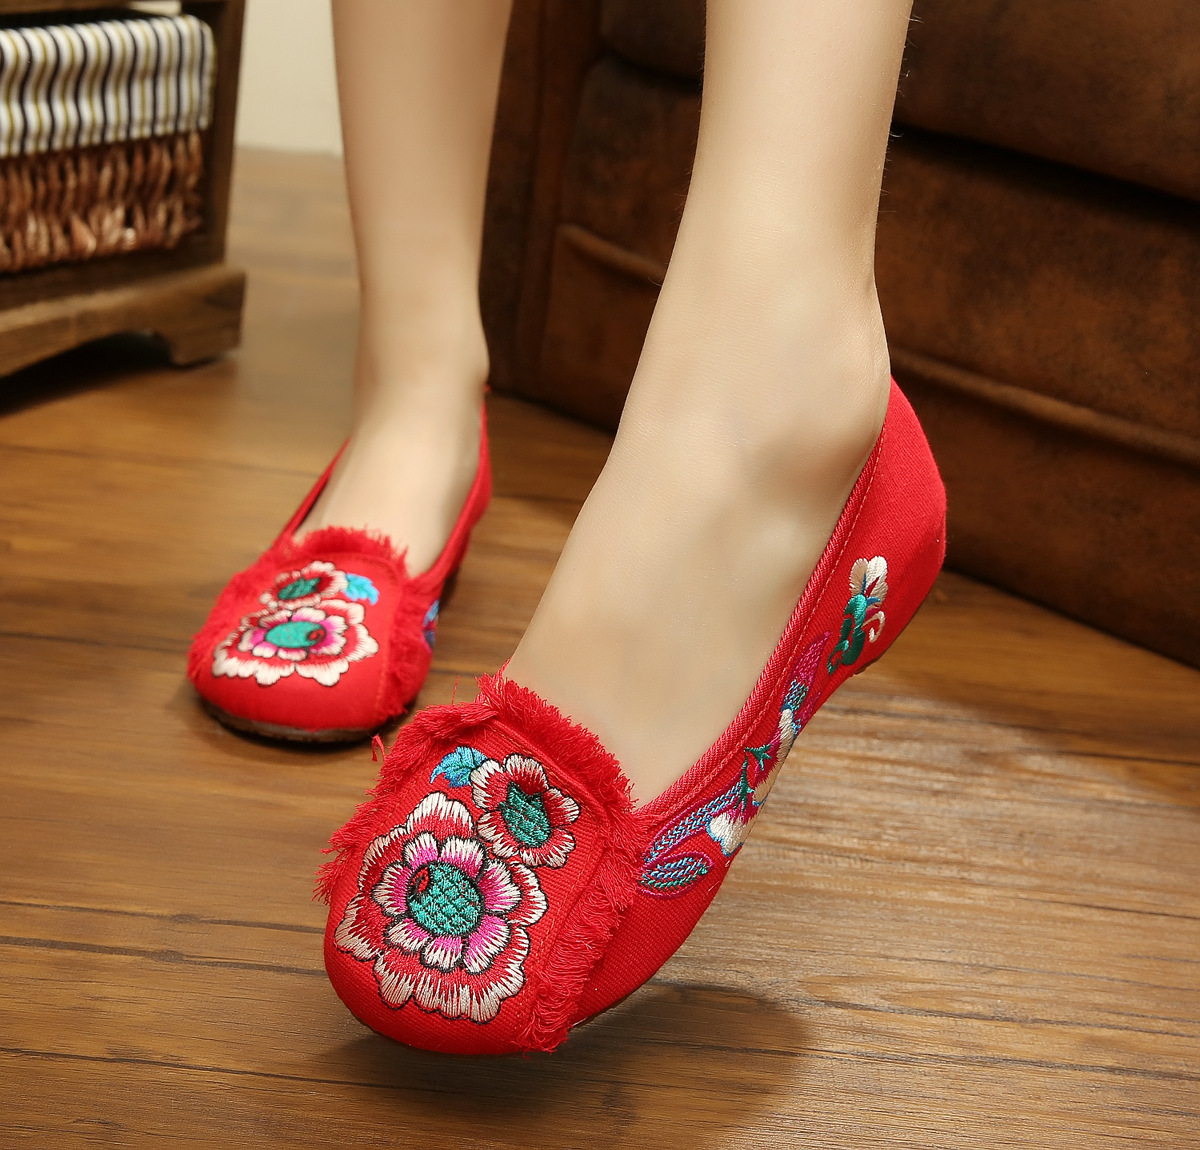 红色豆豆鞋 北京布鞋女坡跟百搭内增高透气一脚蹬红色豆豆鞋绣花鞋女浅口圆头_推荐淘宝好看的红色豆豆鞋